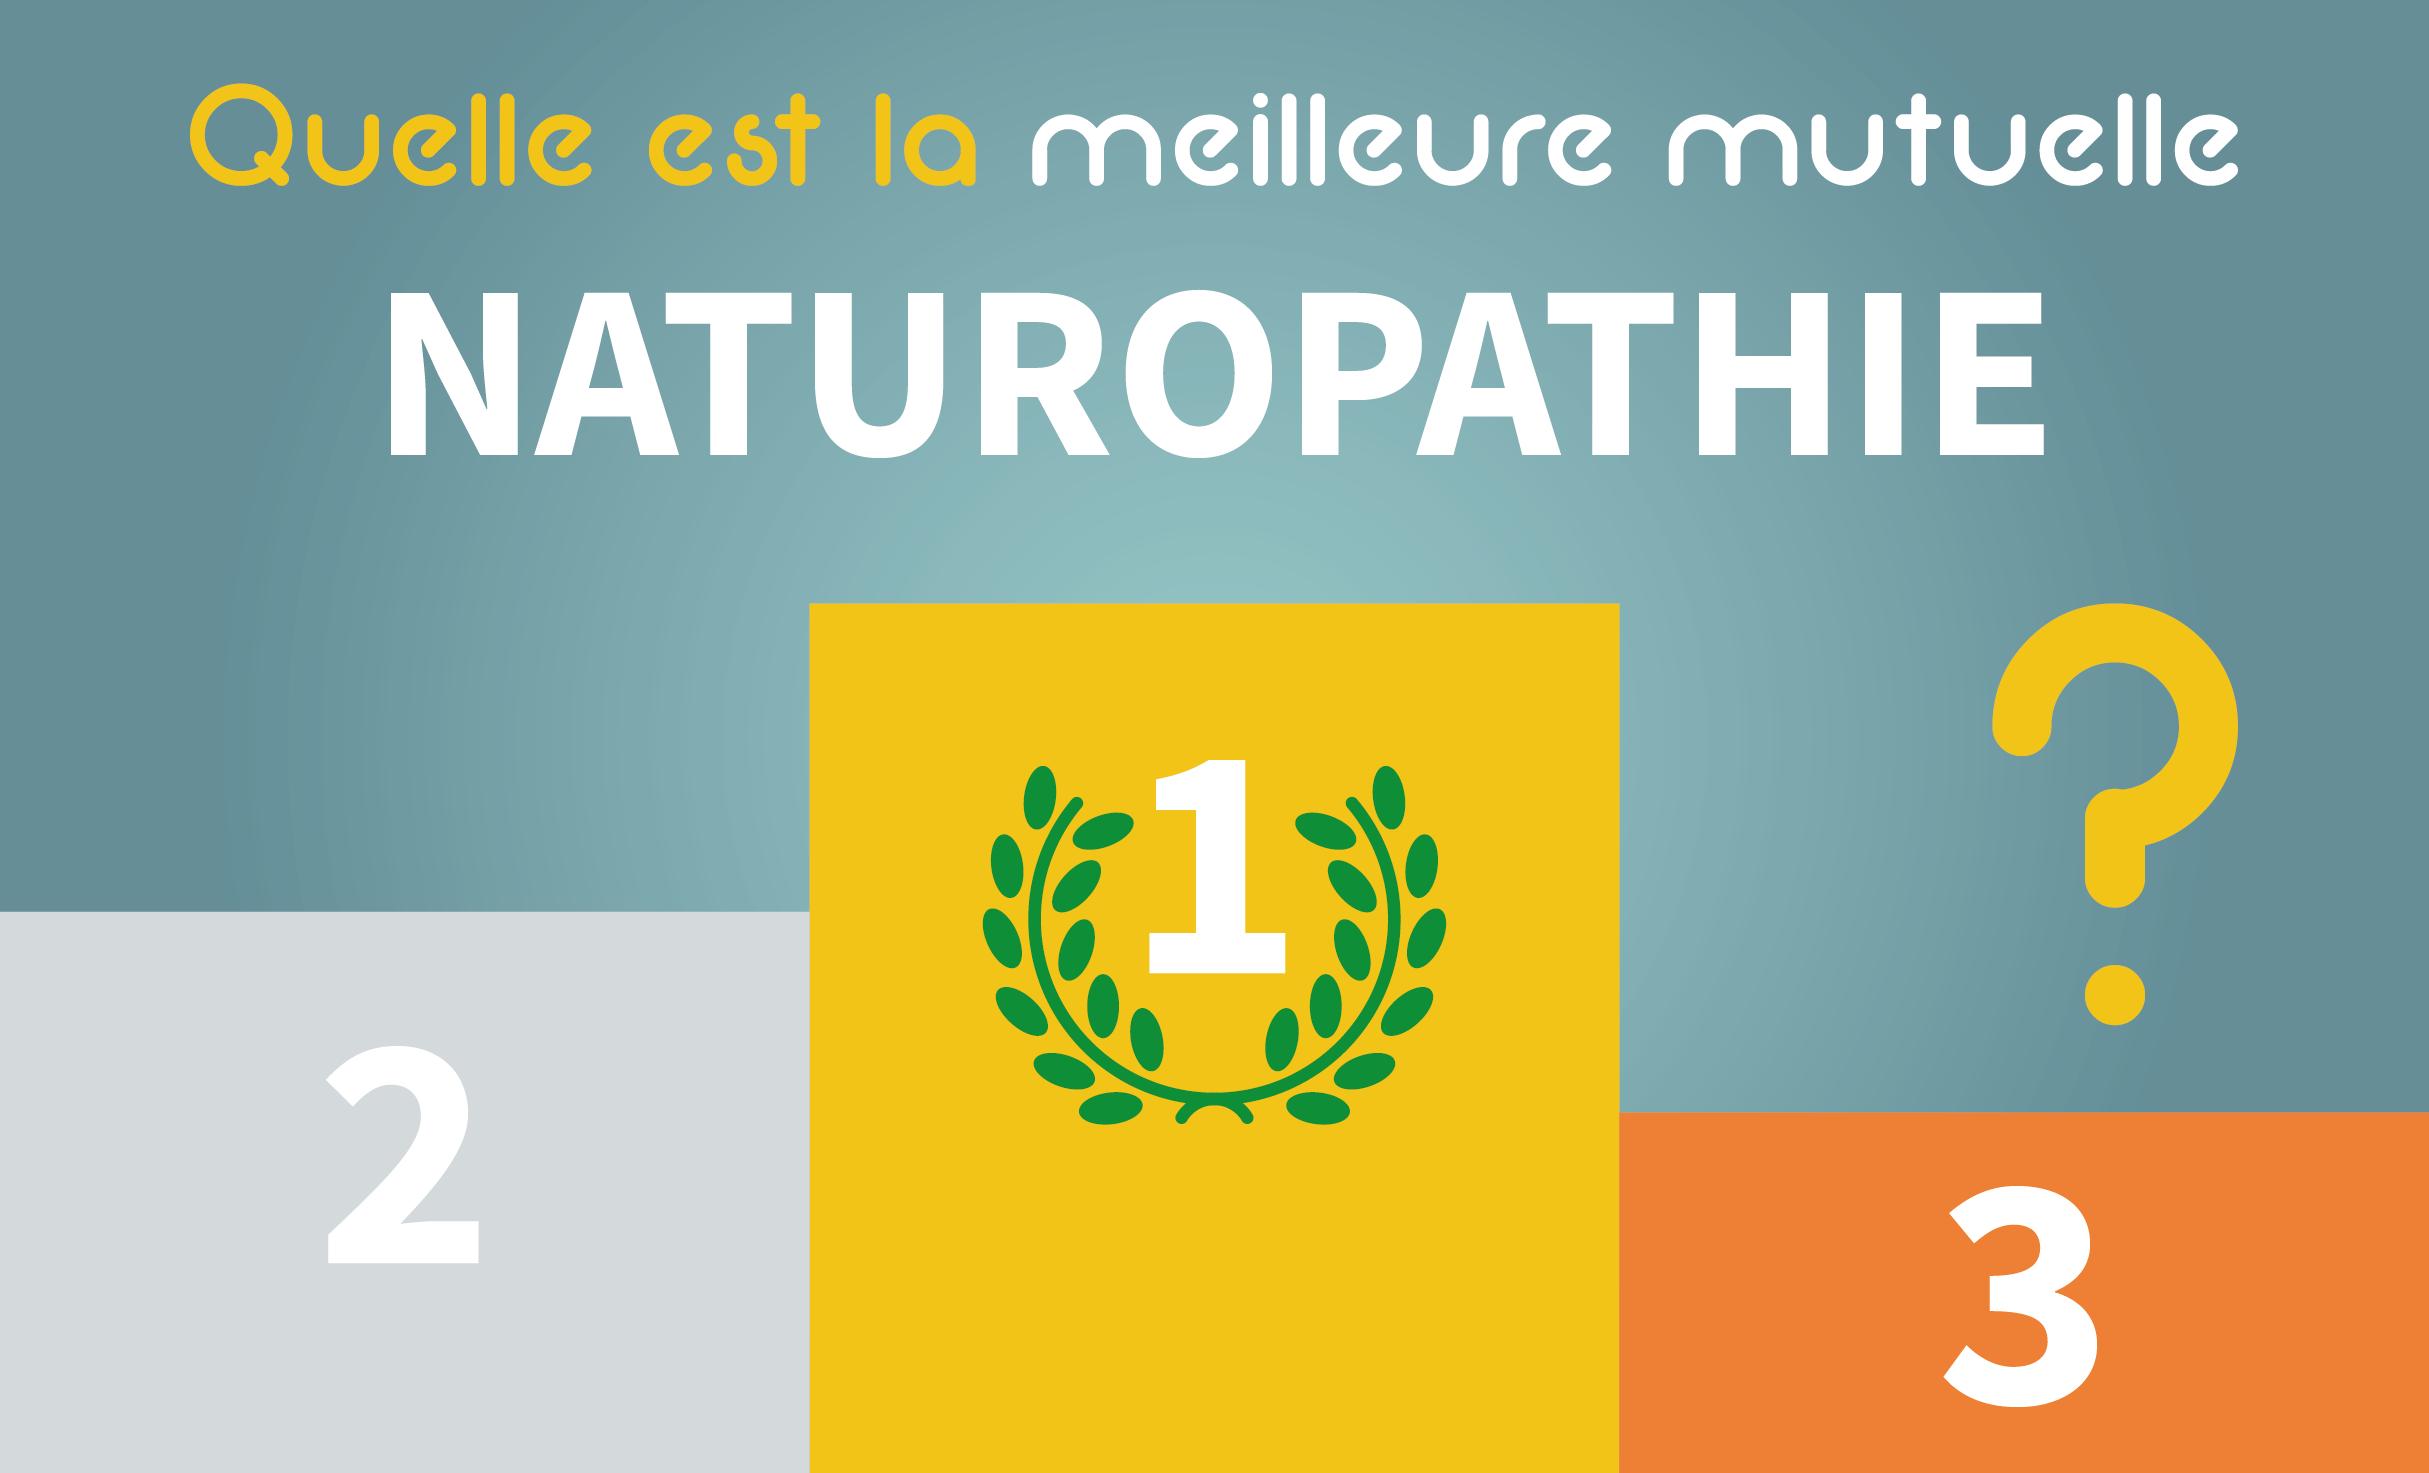 Faites votre propre classement des meilleures mutuelles pour la pratique de la naturopathie